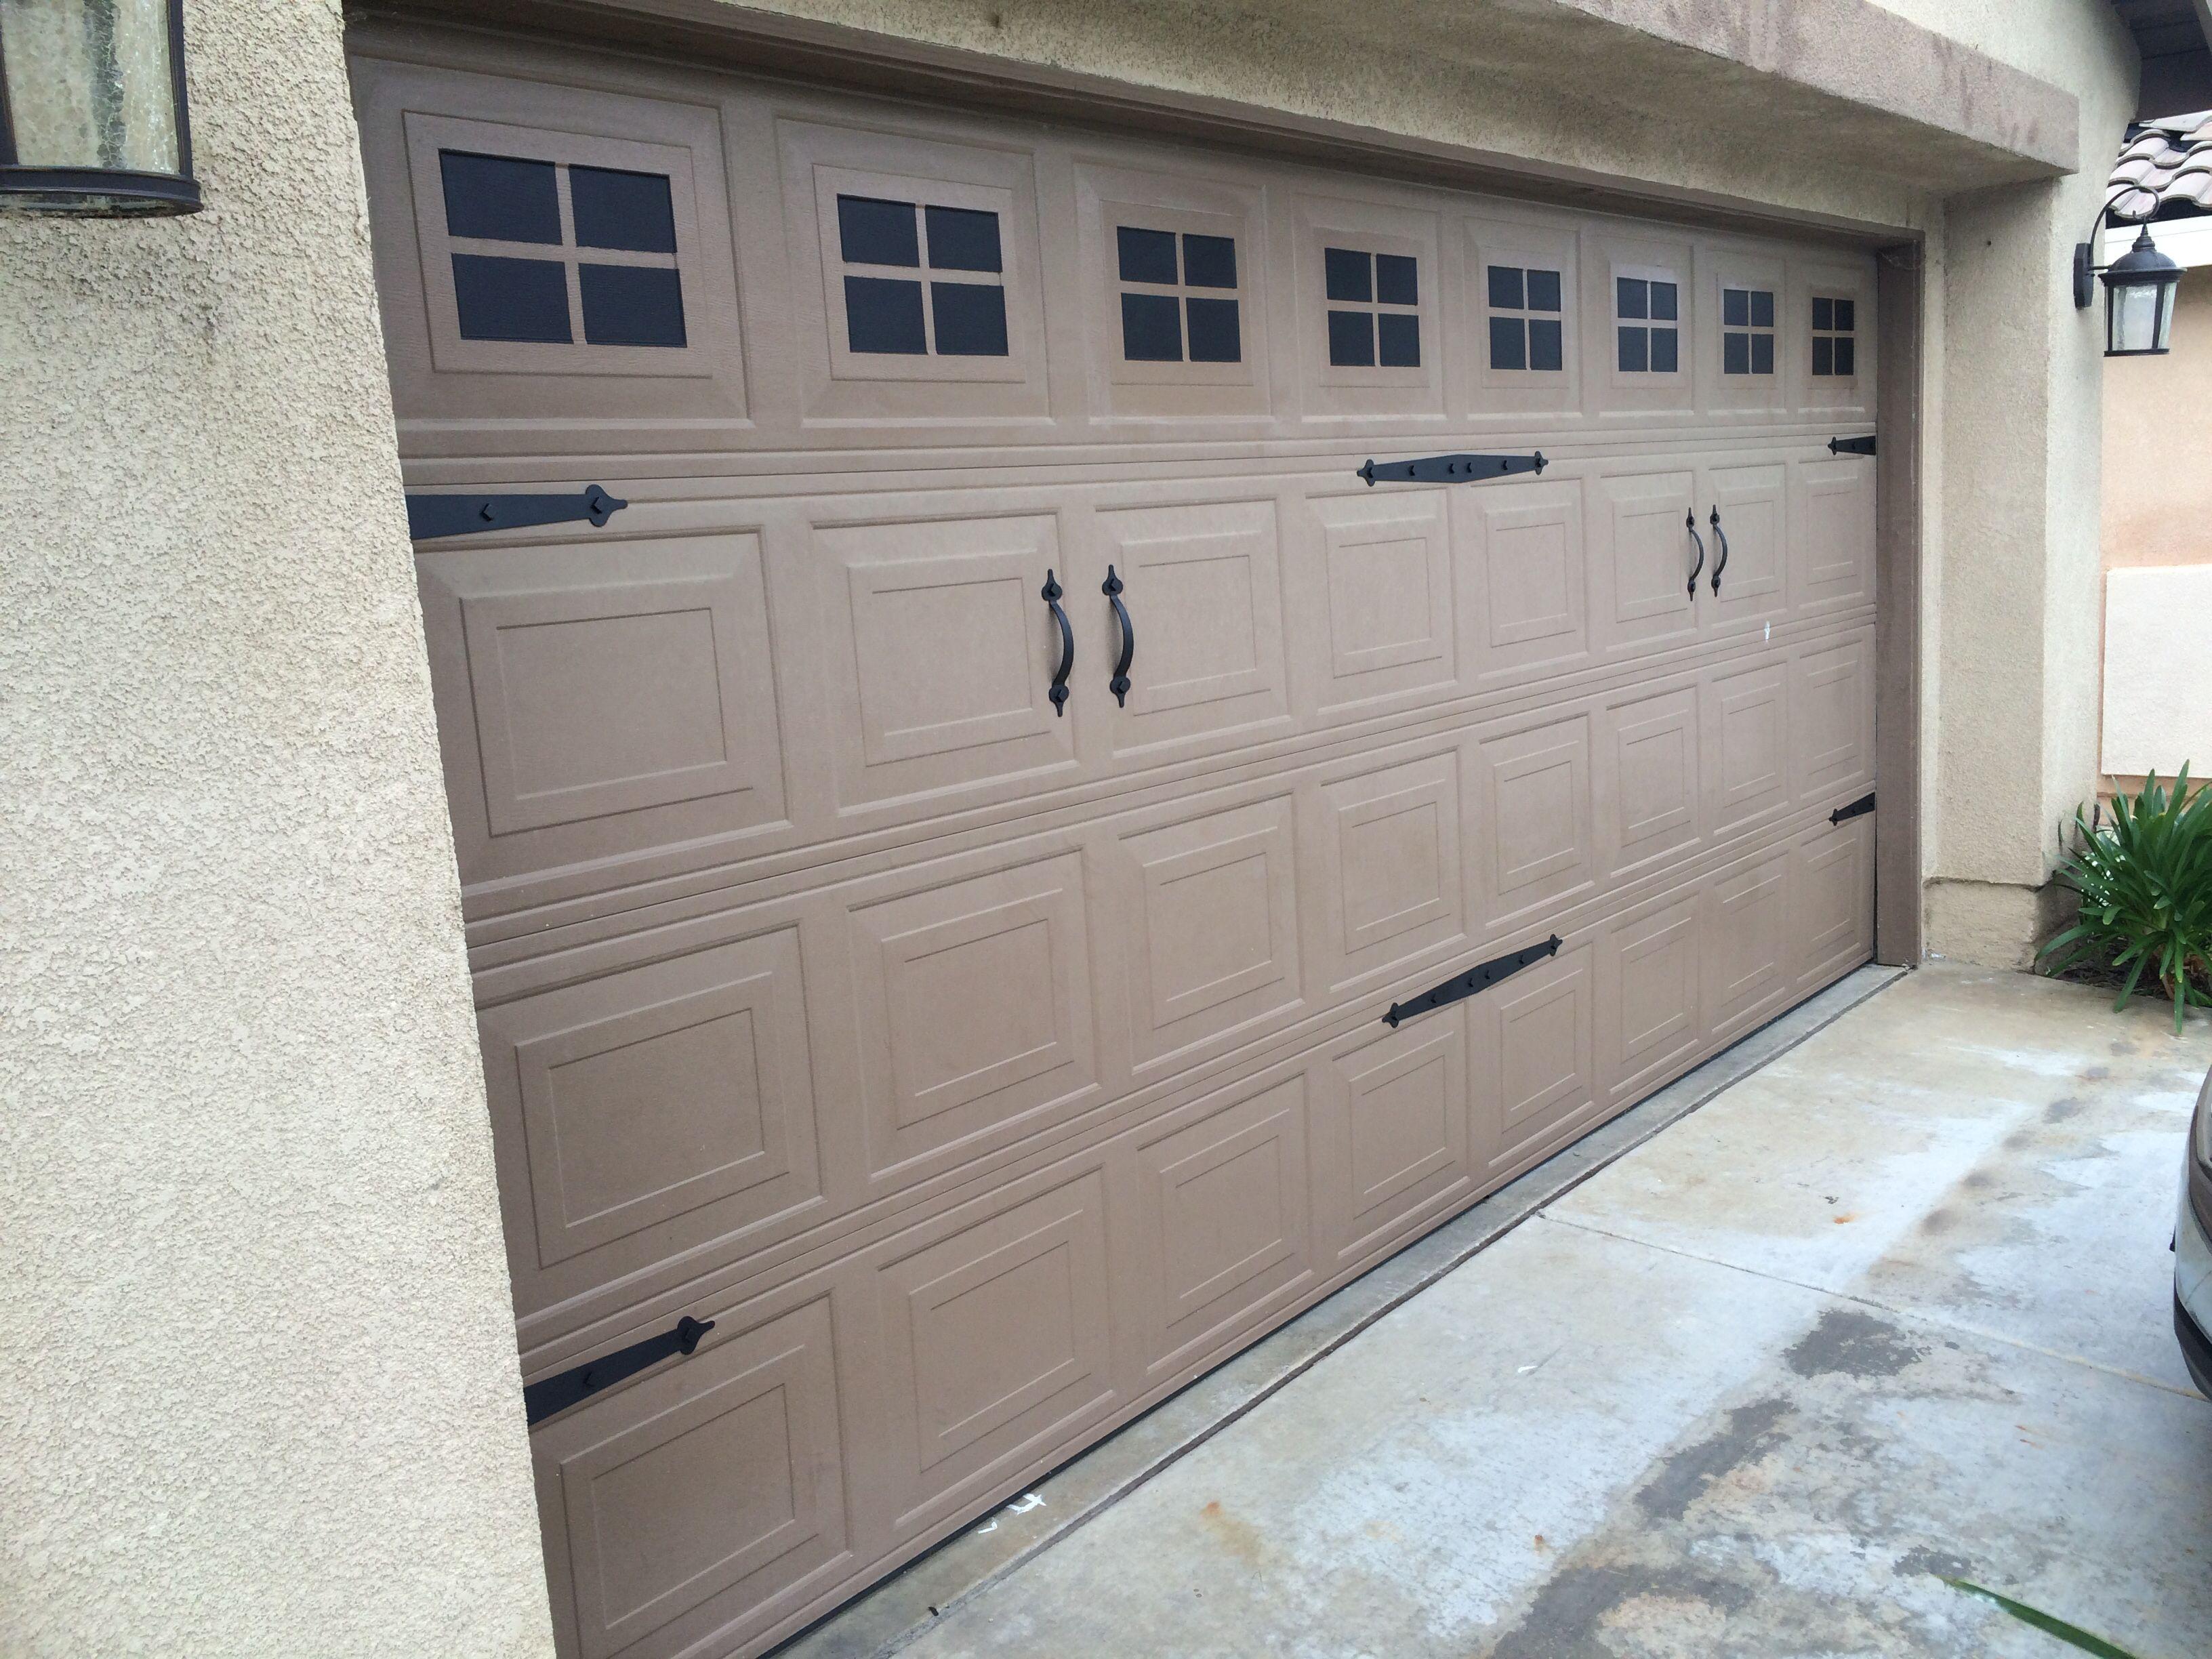 Garage door windows that open  Garage door makeover Painted windows and hardware  My home